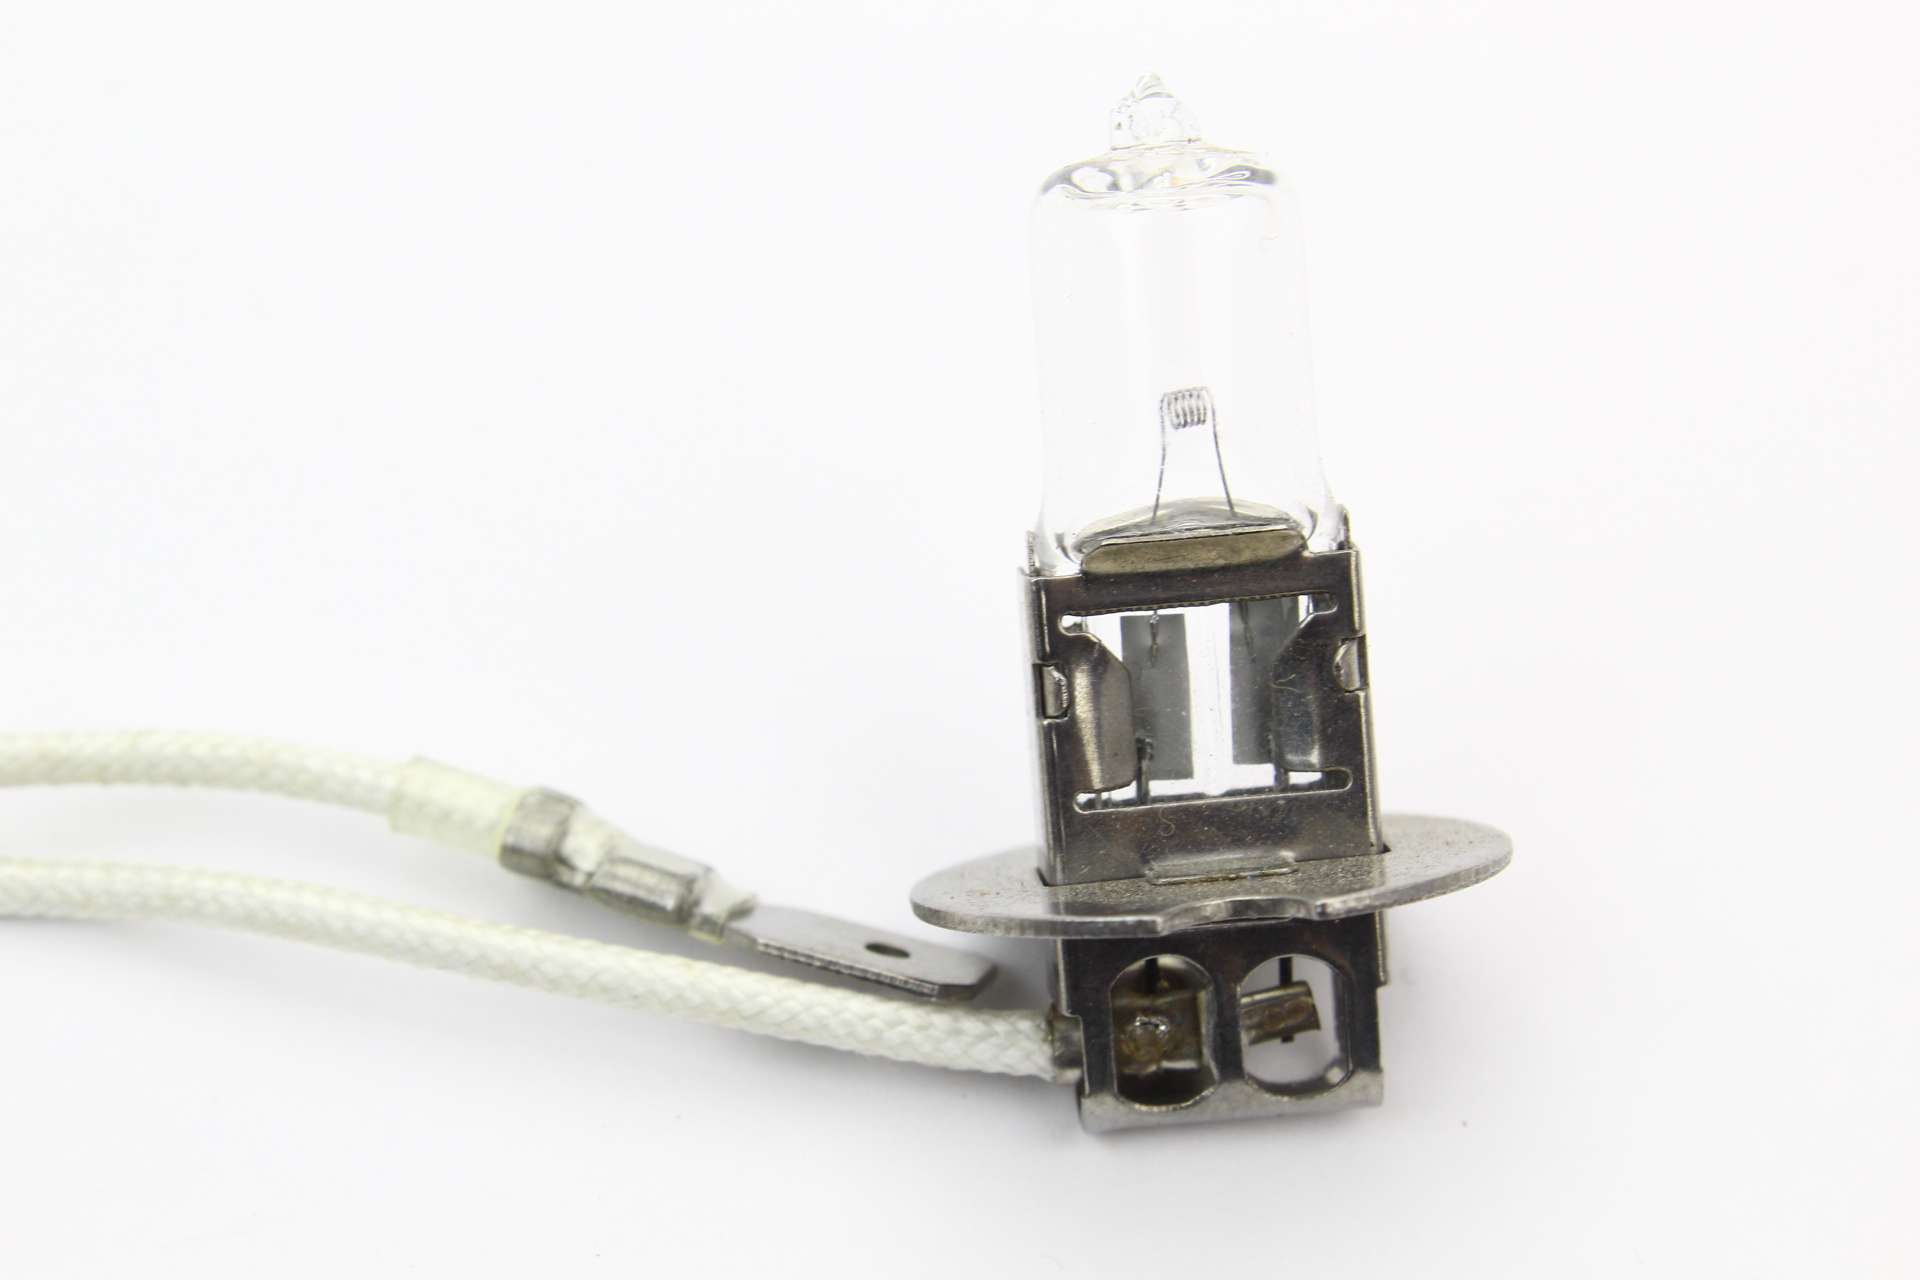 livraison gratuite lampe halog ne h3 6v 25w pour torche zl500 zl500n zl500g ampoules. Black Bedroom Furniture Sets. Home Design Ideas